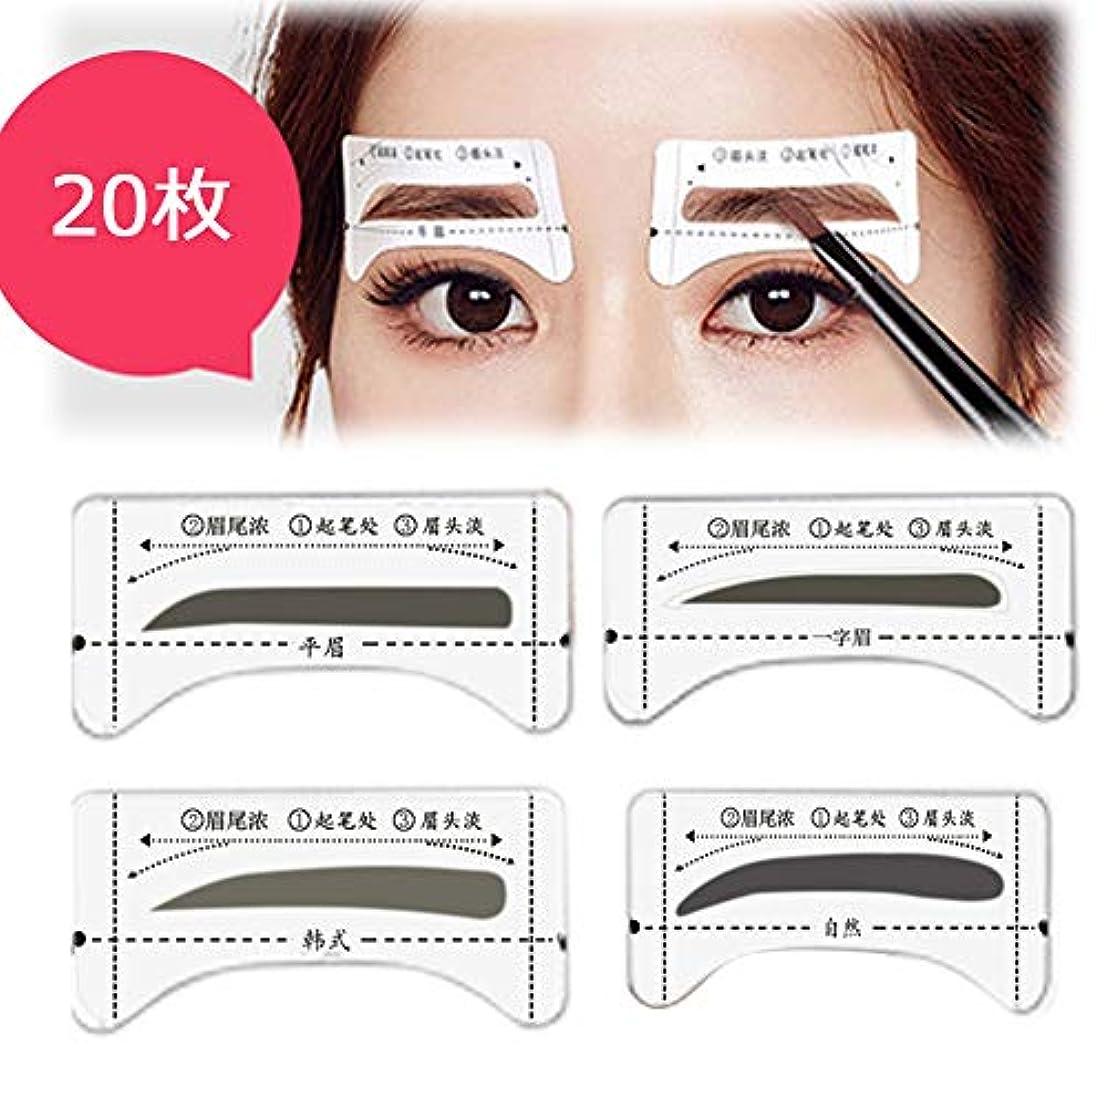 再撮りしてはいけない機知に富んだ眉テンプレート 眉毛 4種20枚(韓国風、一言眉、自然、平らな眉毛)片手使用する